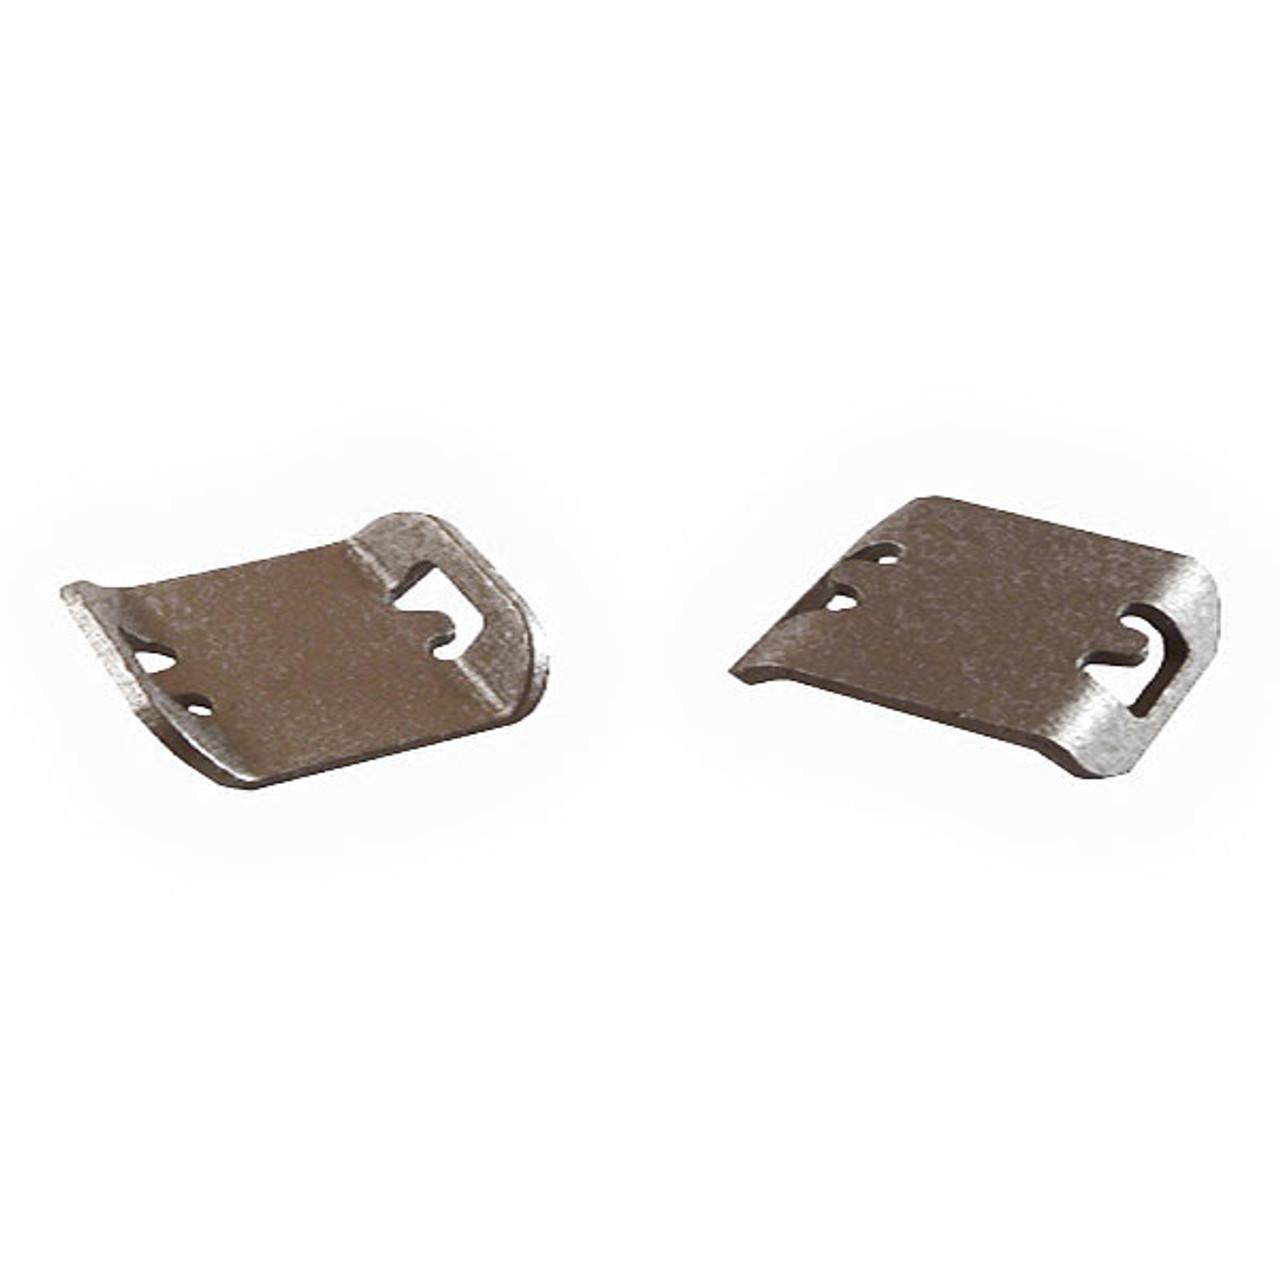 (809100) Aluminum Tie Mount - pack of 10